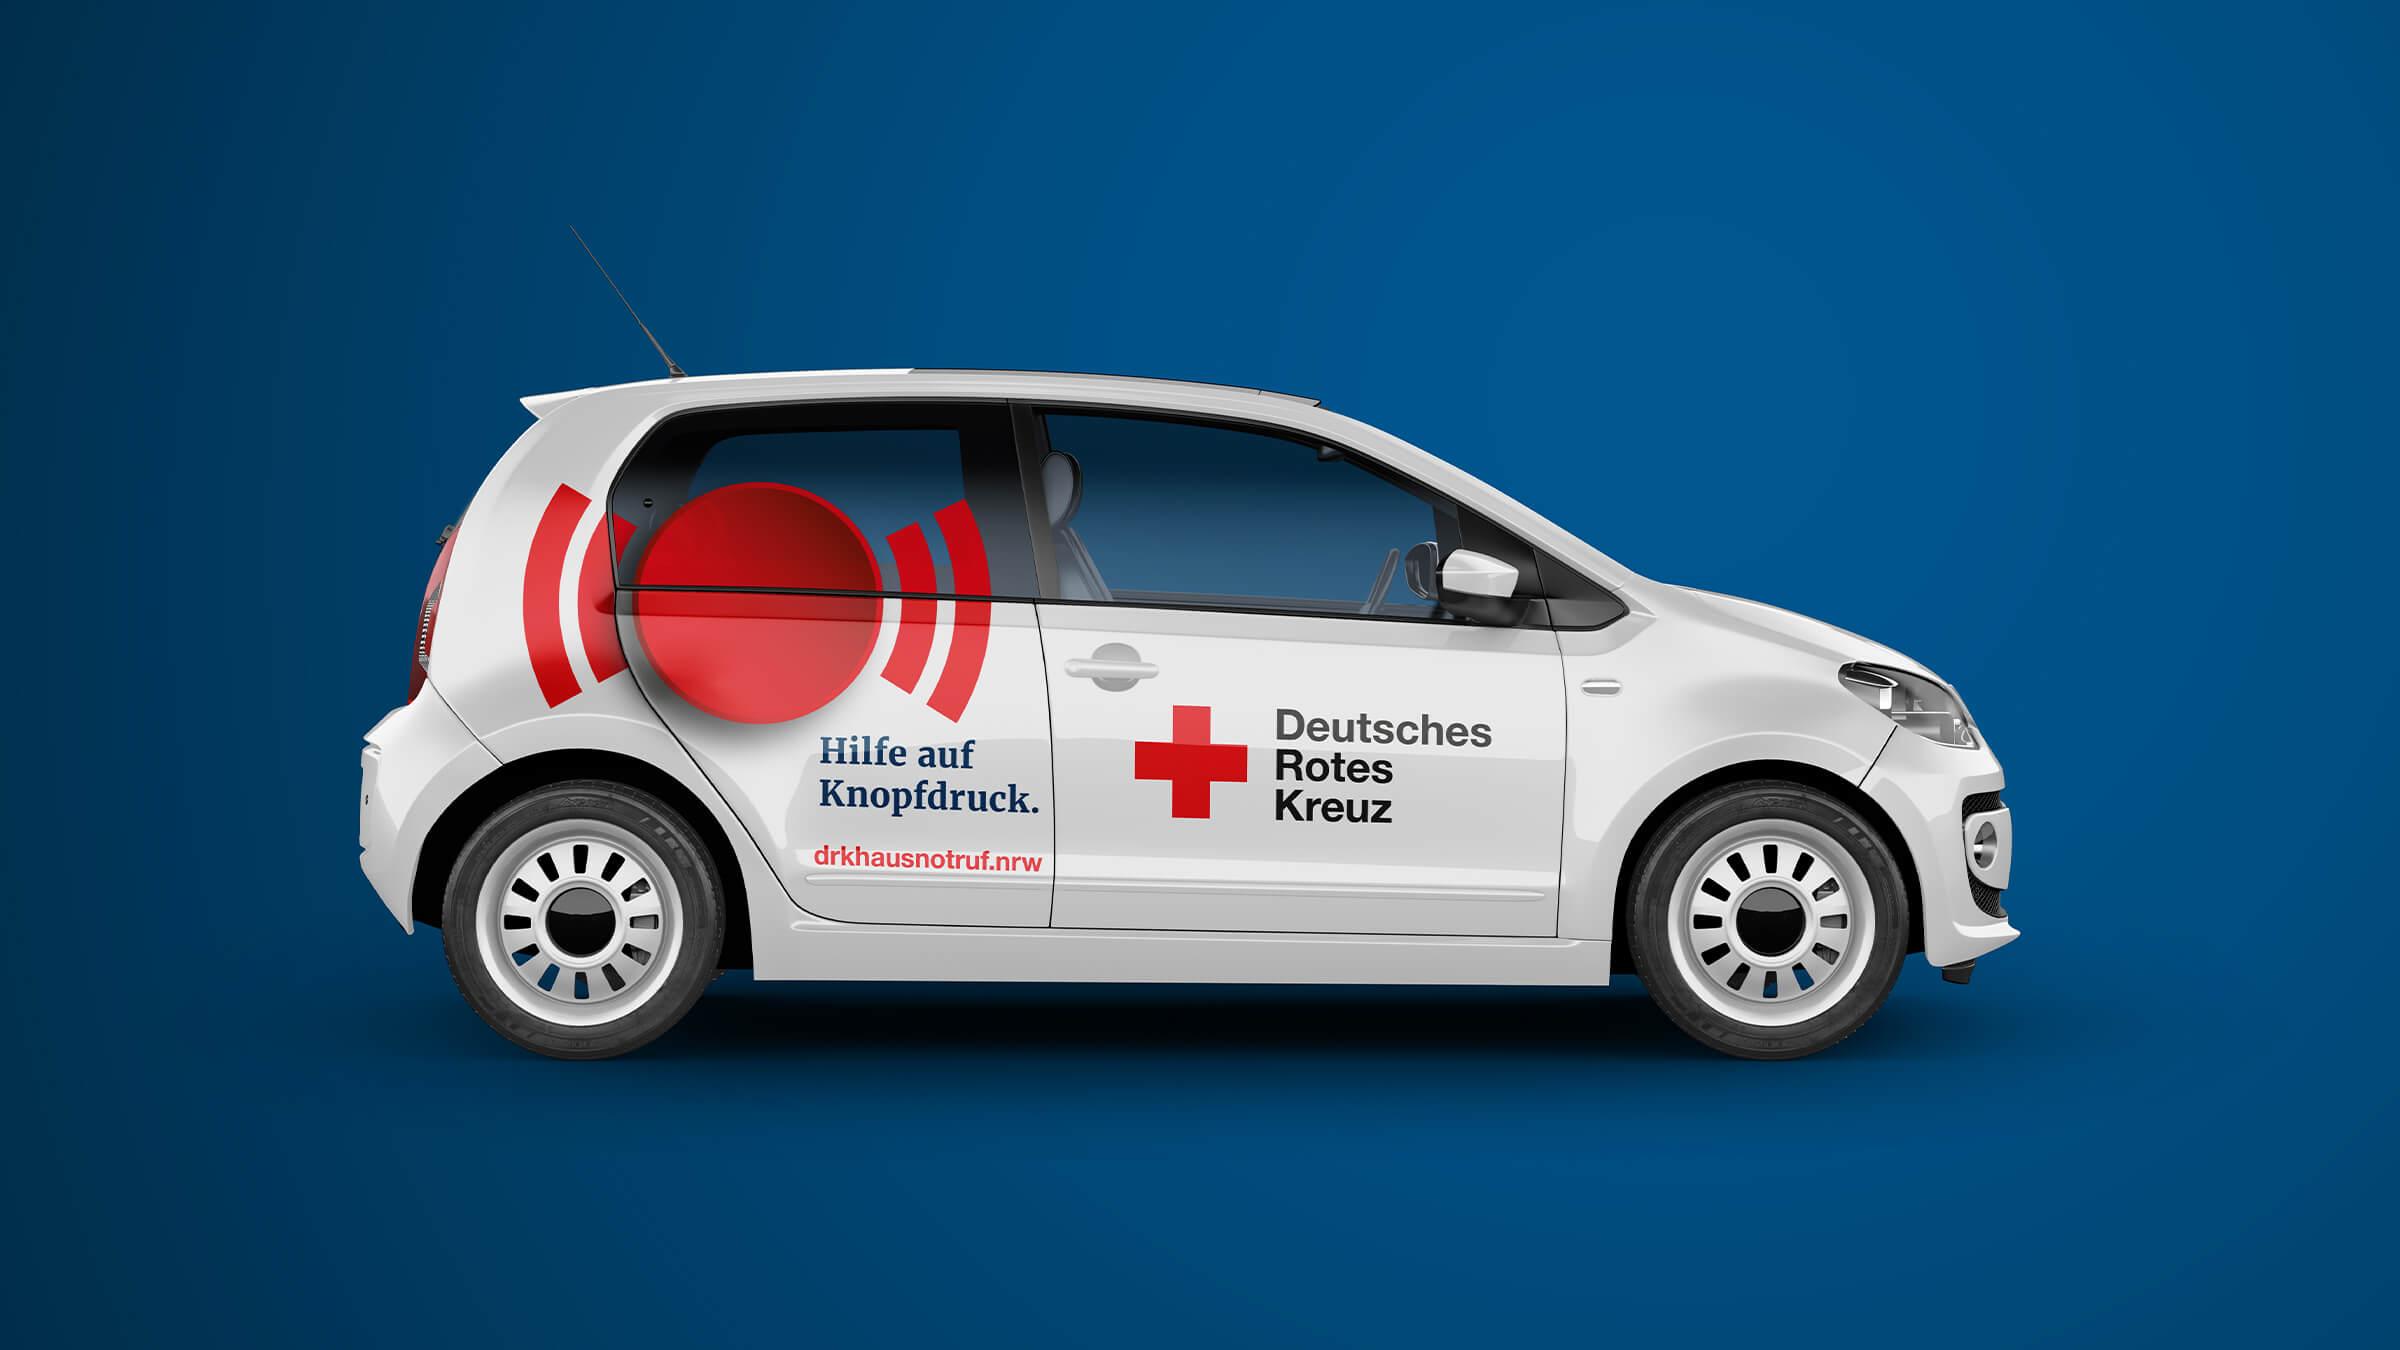 Autobeschriftung für Einsatzfahrzeug Deutsches Rotes Kreuz